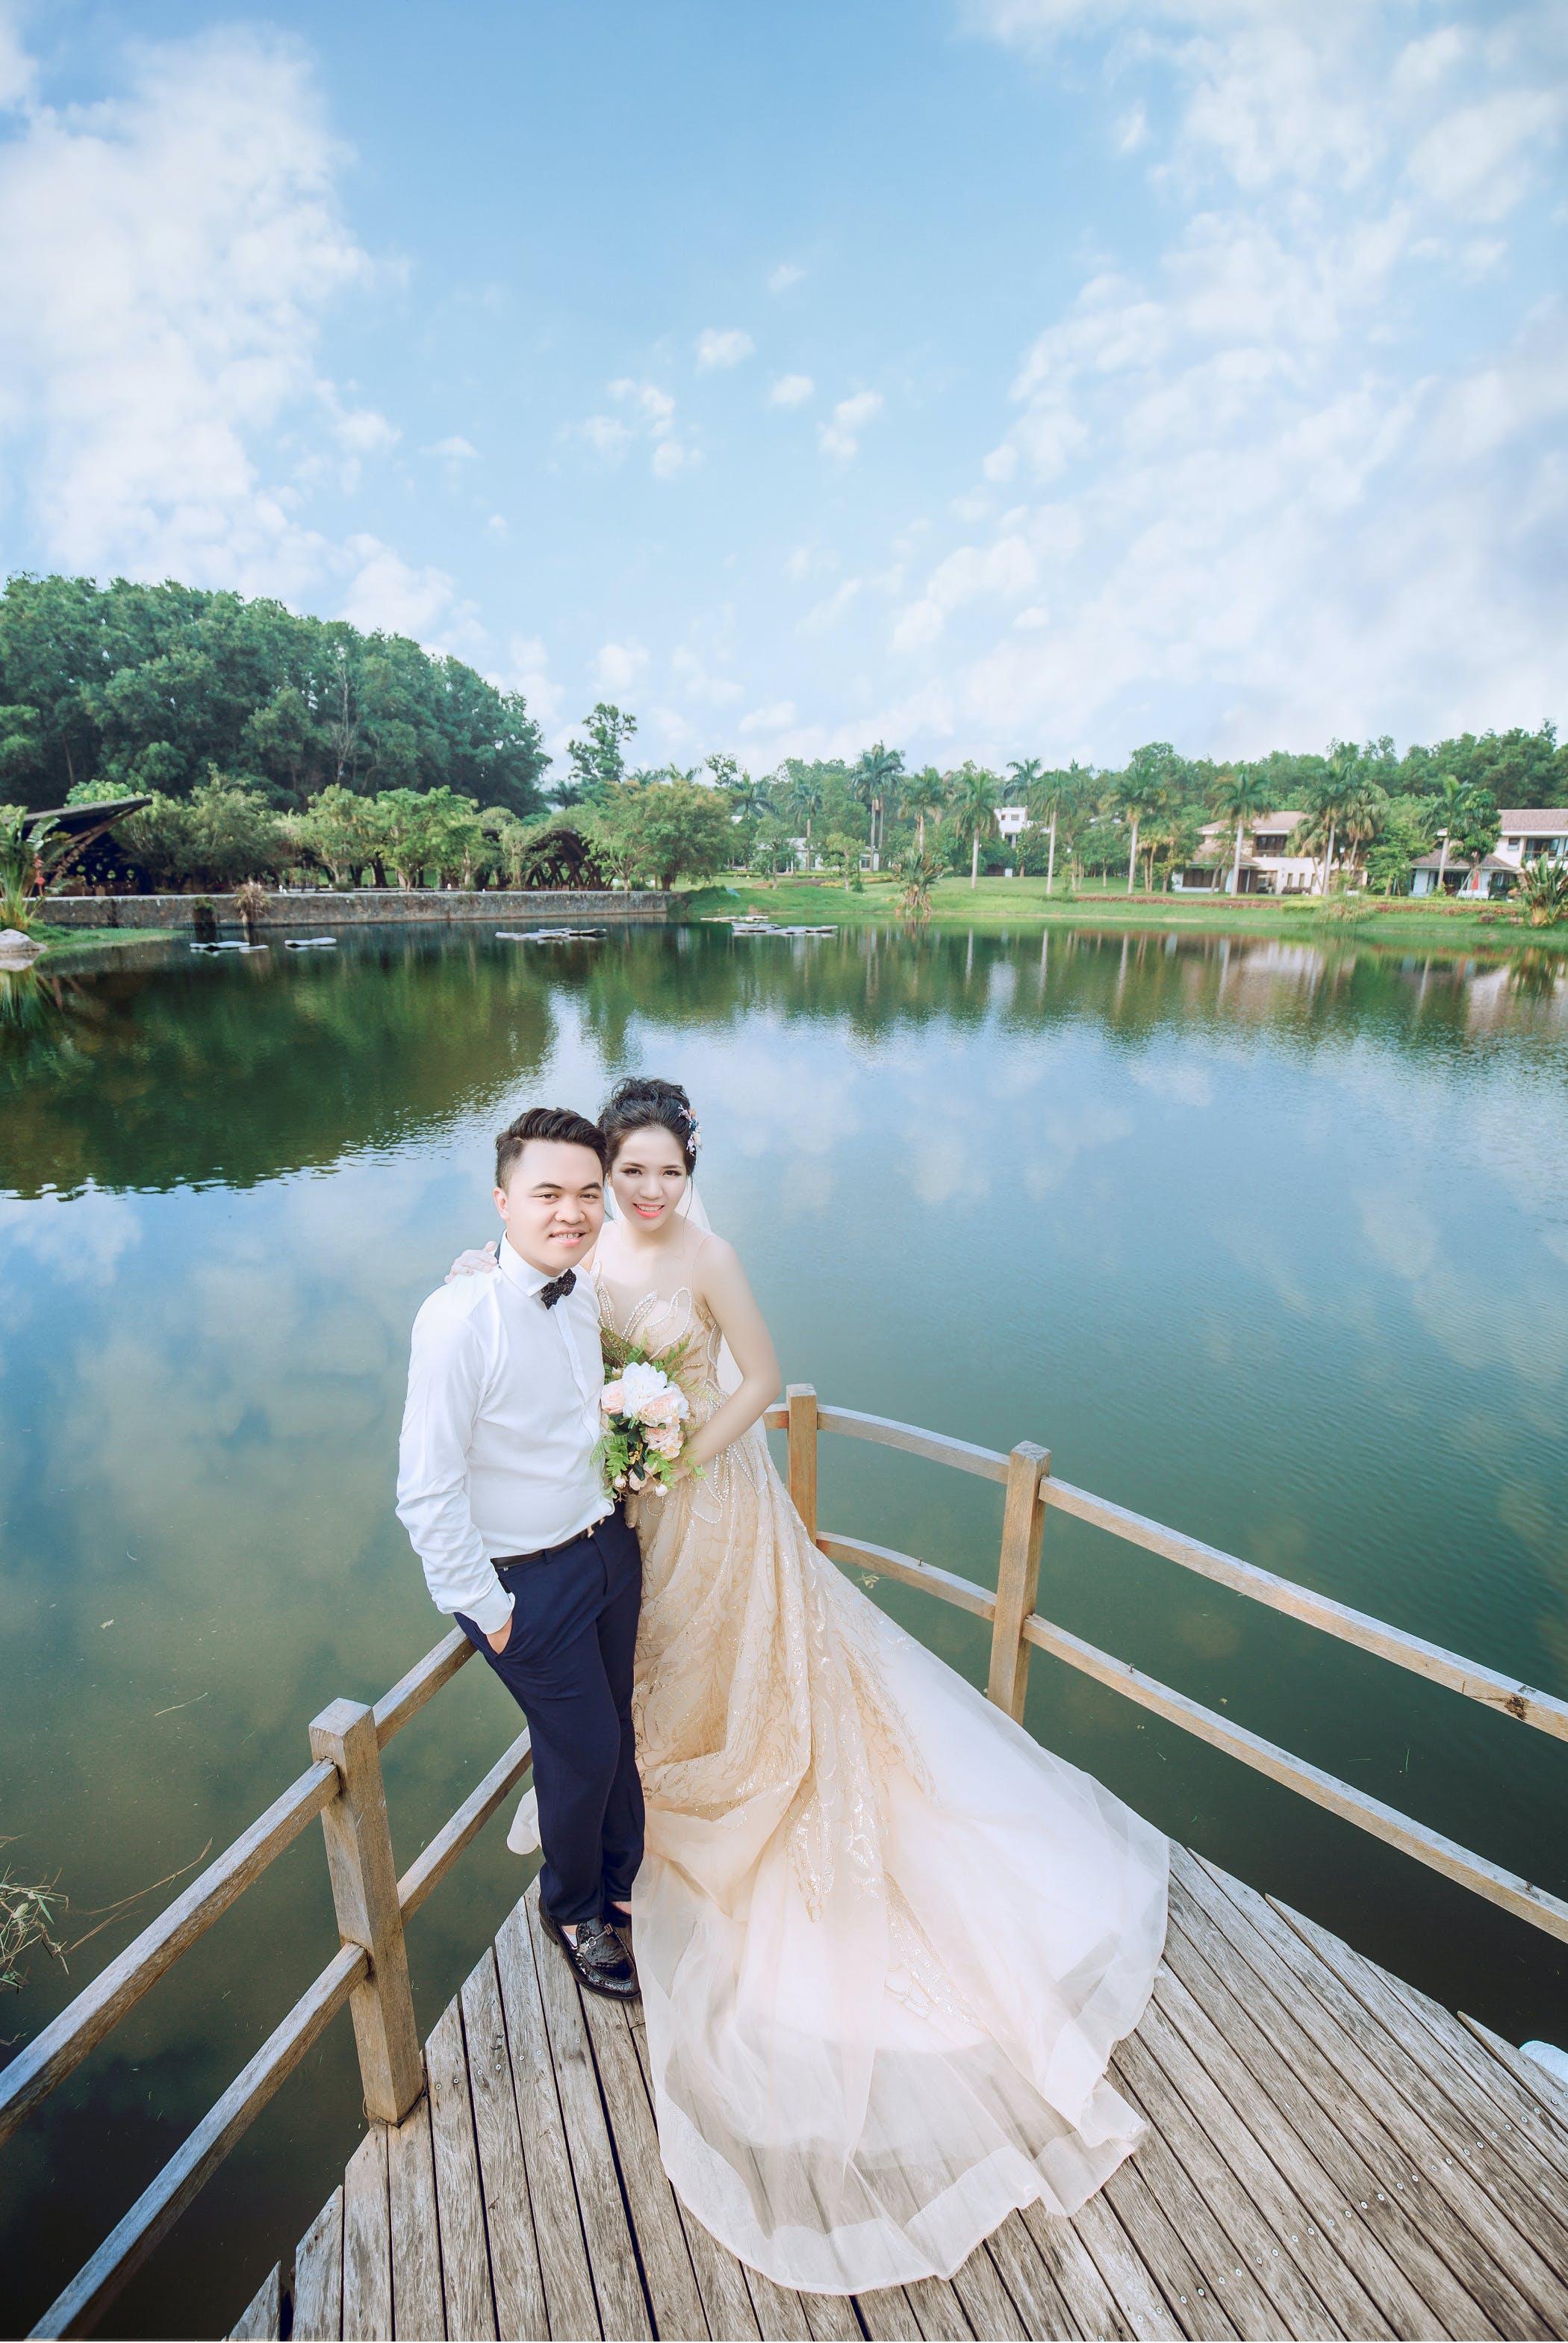 Kostenloses Stock Foto zu braut und bräutigam, bräutigam, flitterwochen, hochzeit